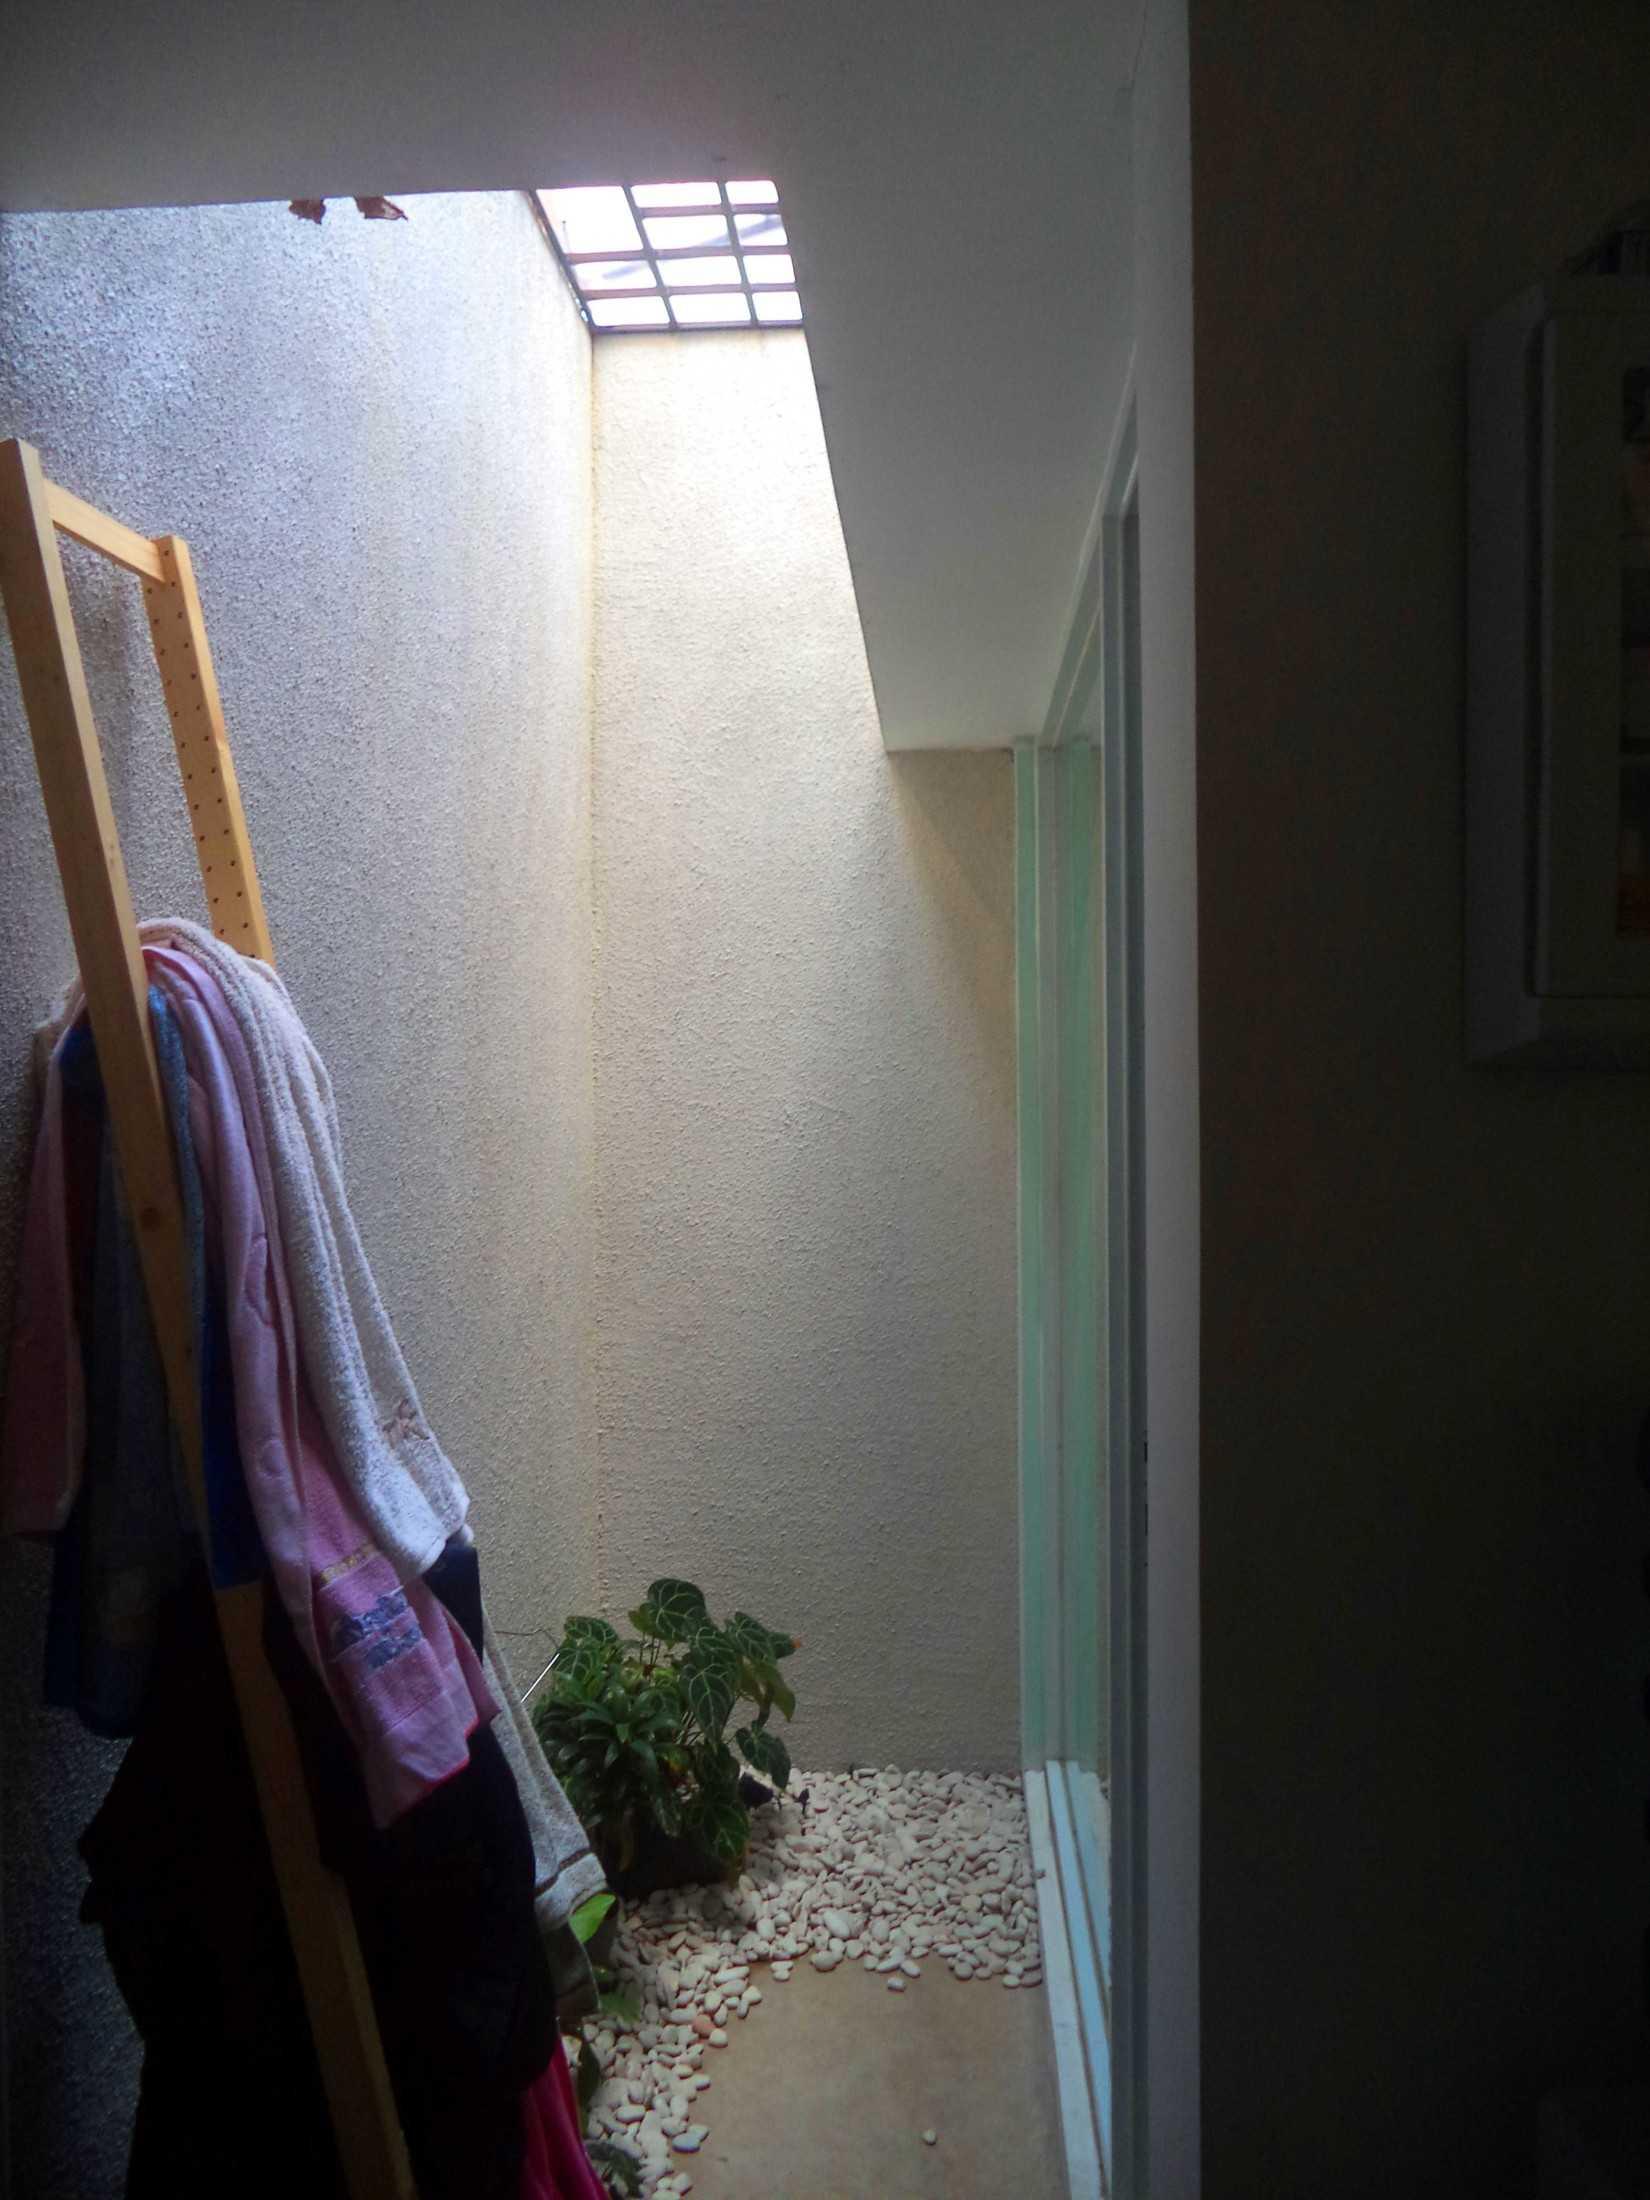 Yasa+ N-House Kec. Ciledug, Kota Tangerang, Banten, Indonesia Kec. Ciledug, Kota Tangerang, Banten, Indonesia Yasa-N-House  92263